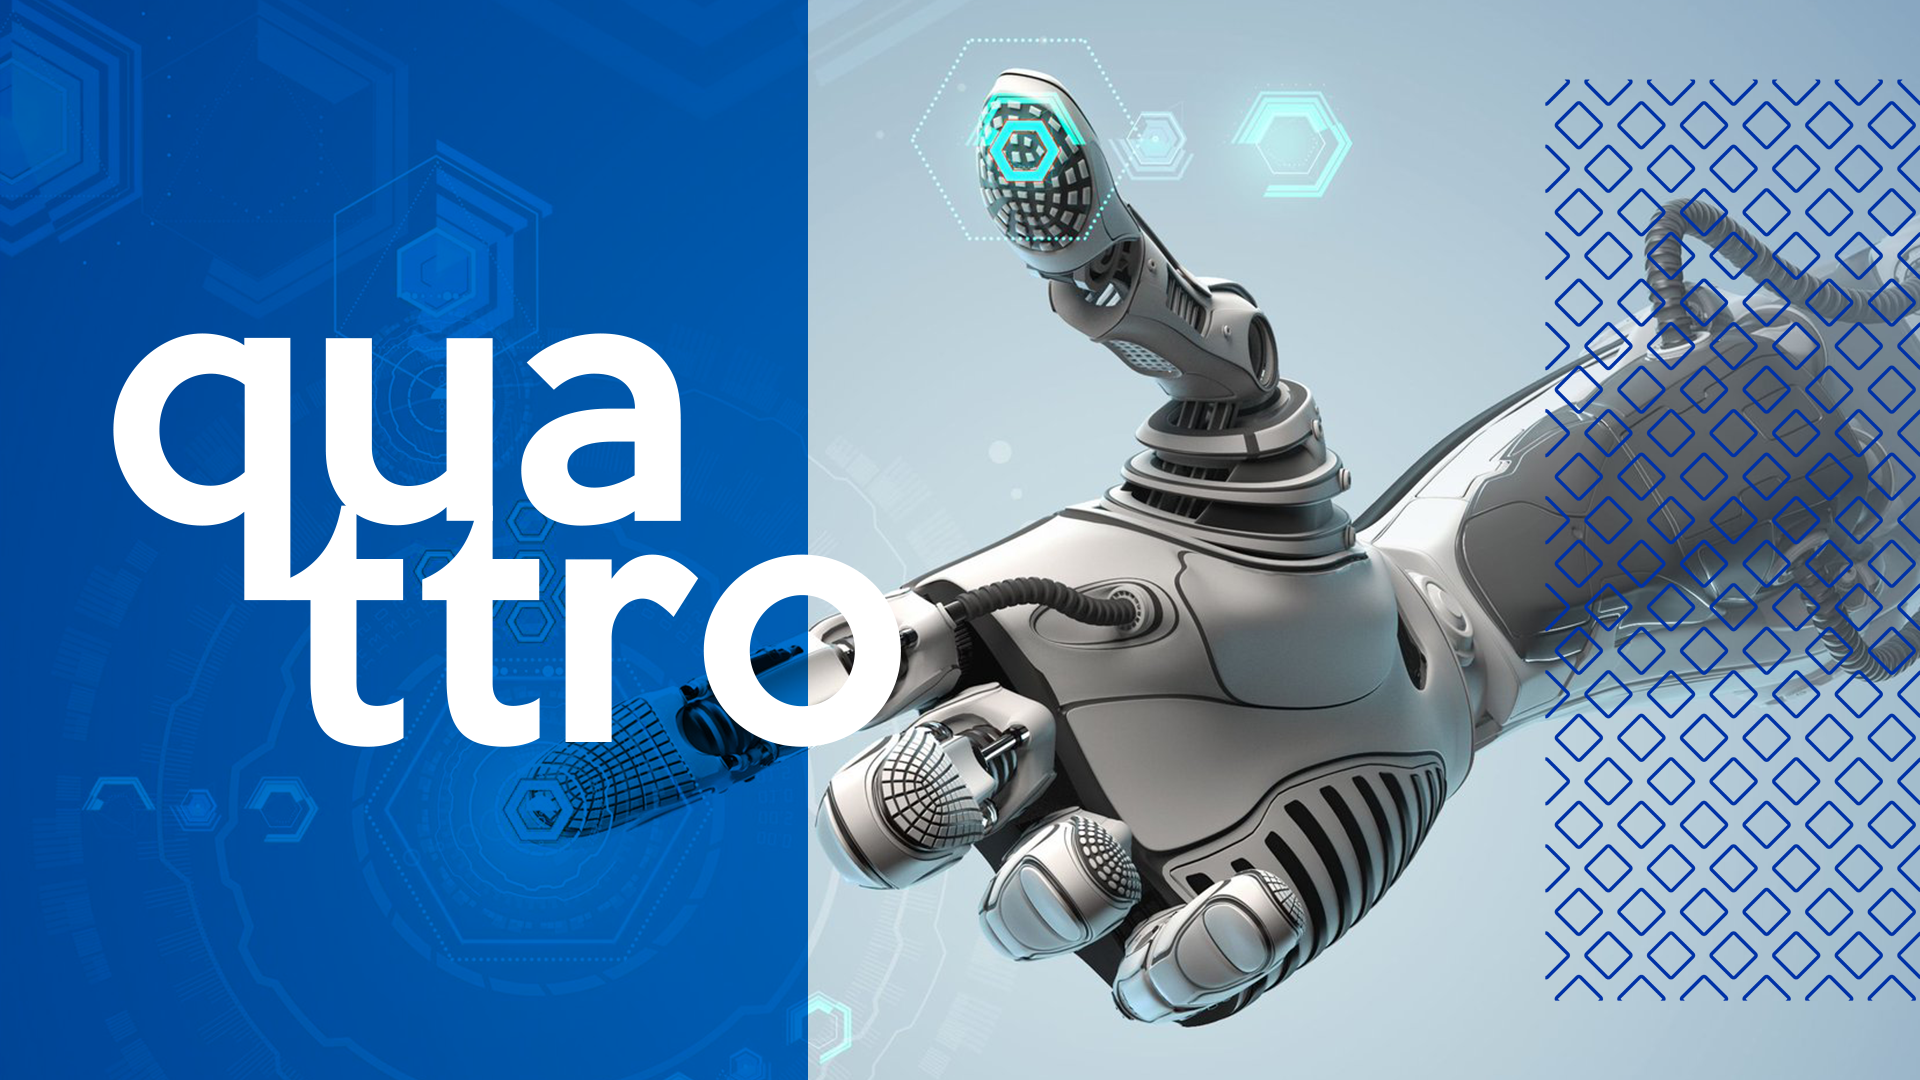 Quattro - Imagem Robótica